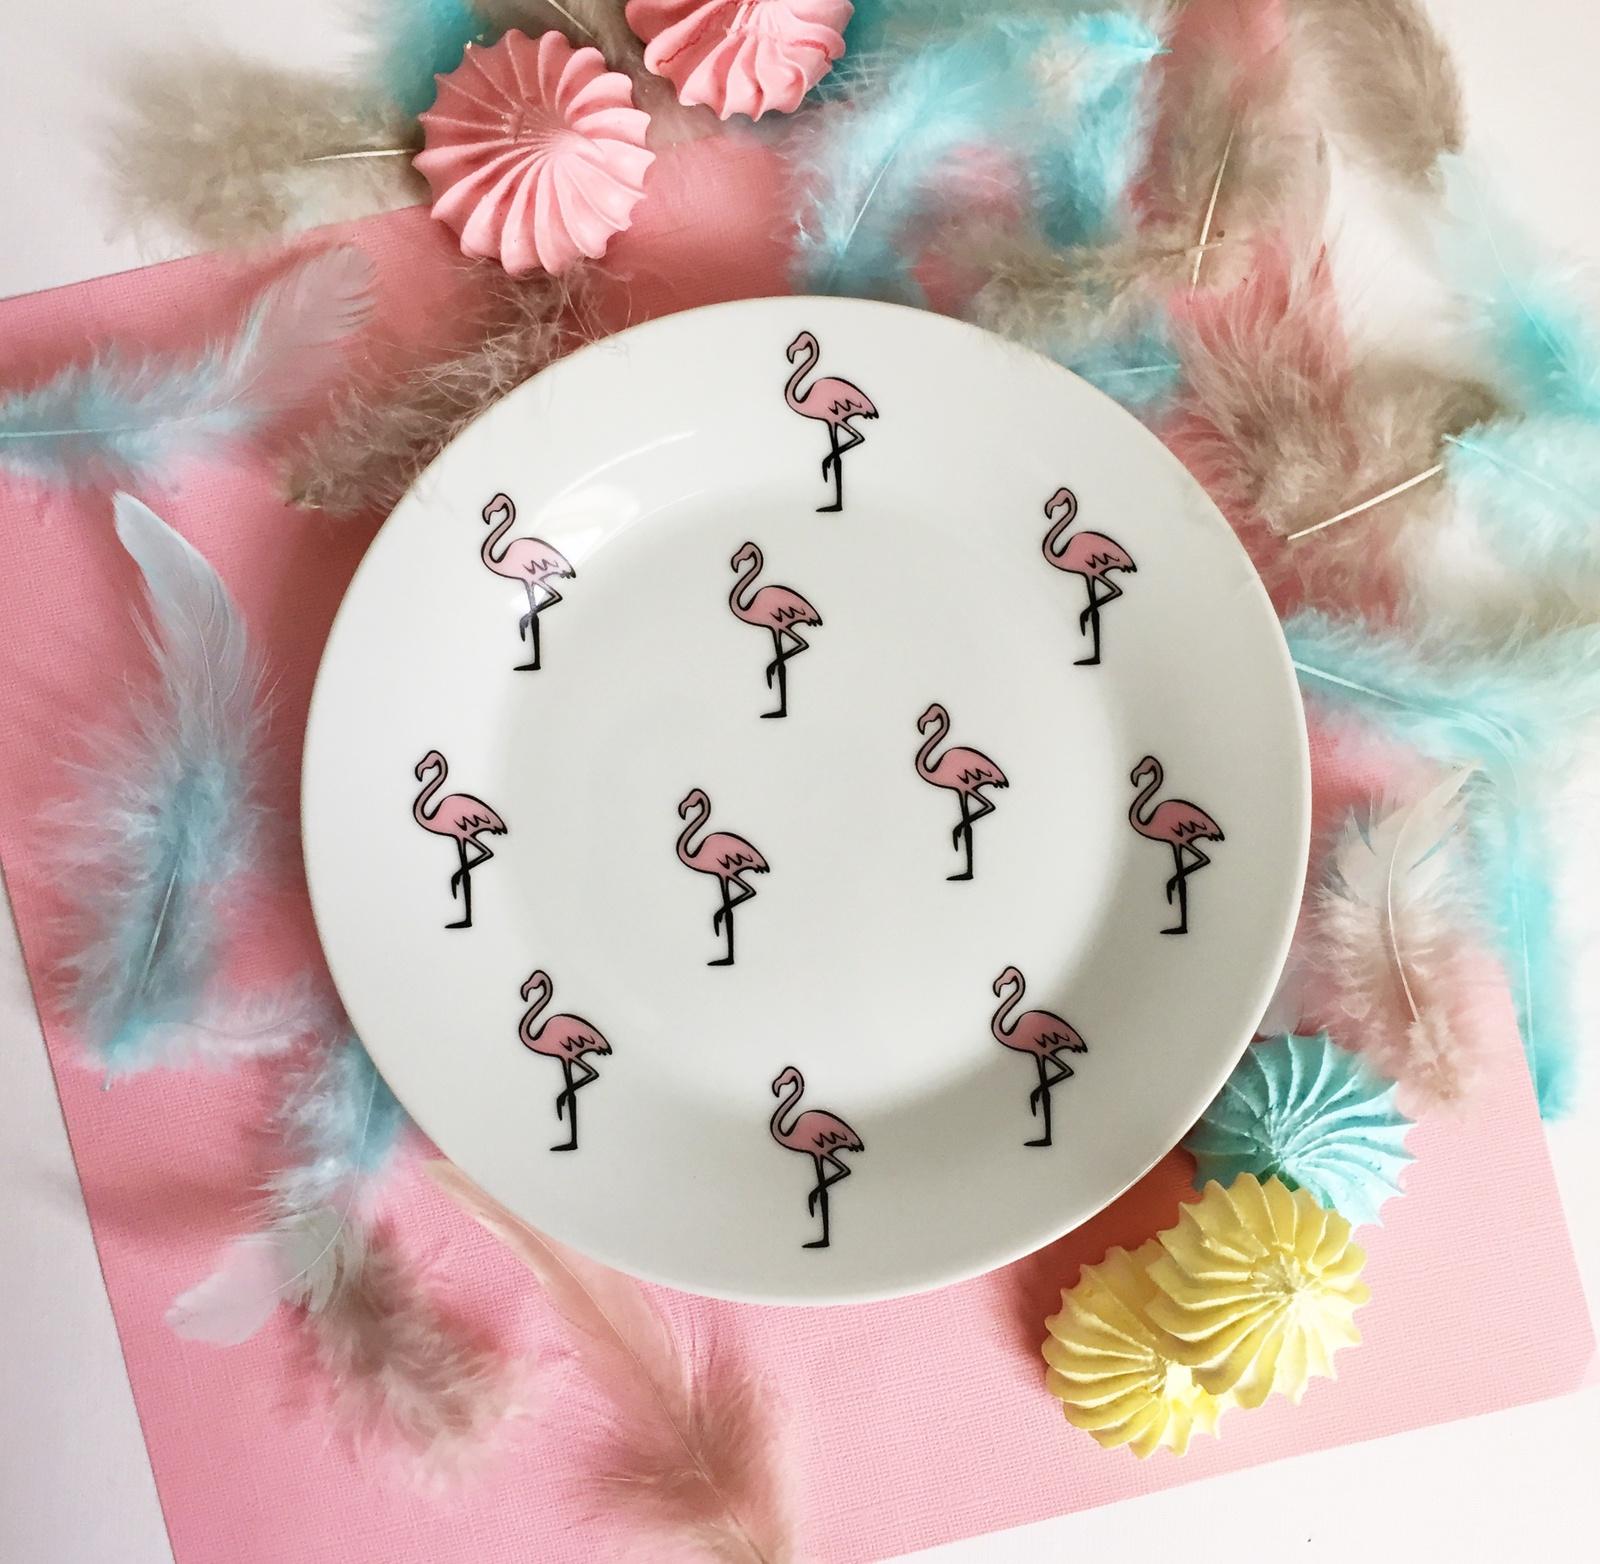 Тарелка Сотвори Чудо Розовый фламинго 20 см, белый тарелка мелкая сотвори чудо розовый фламинго диаметр 20 см